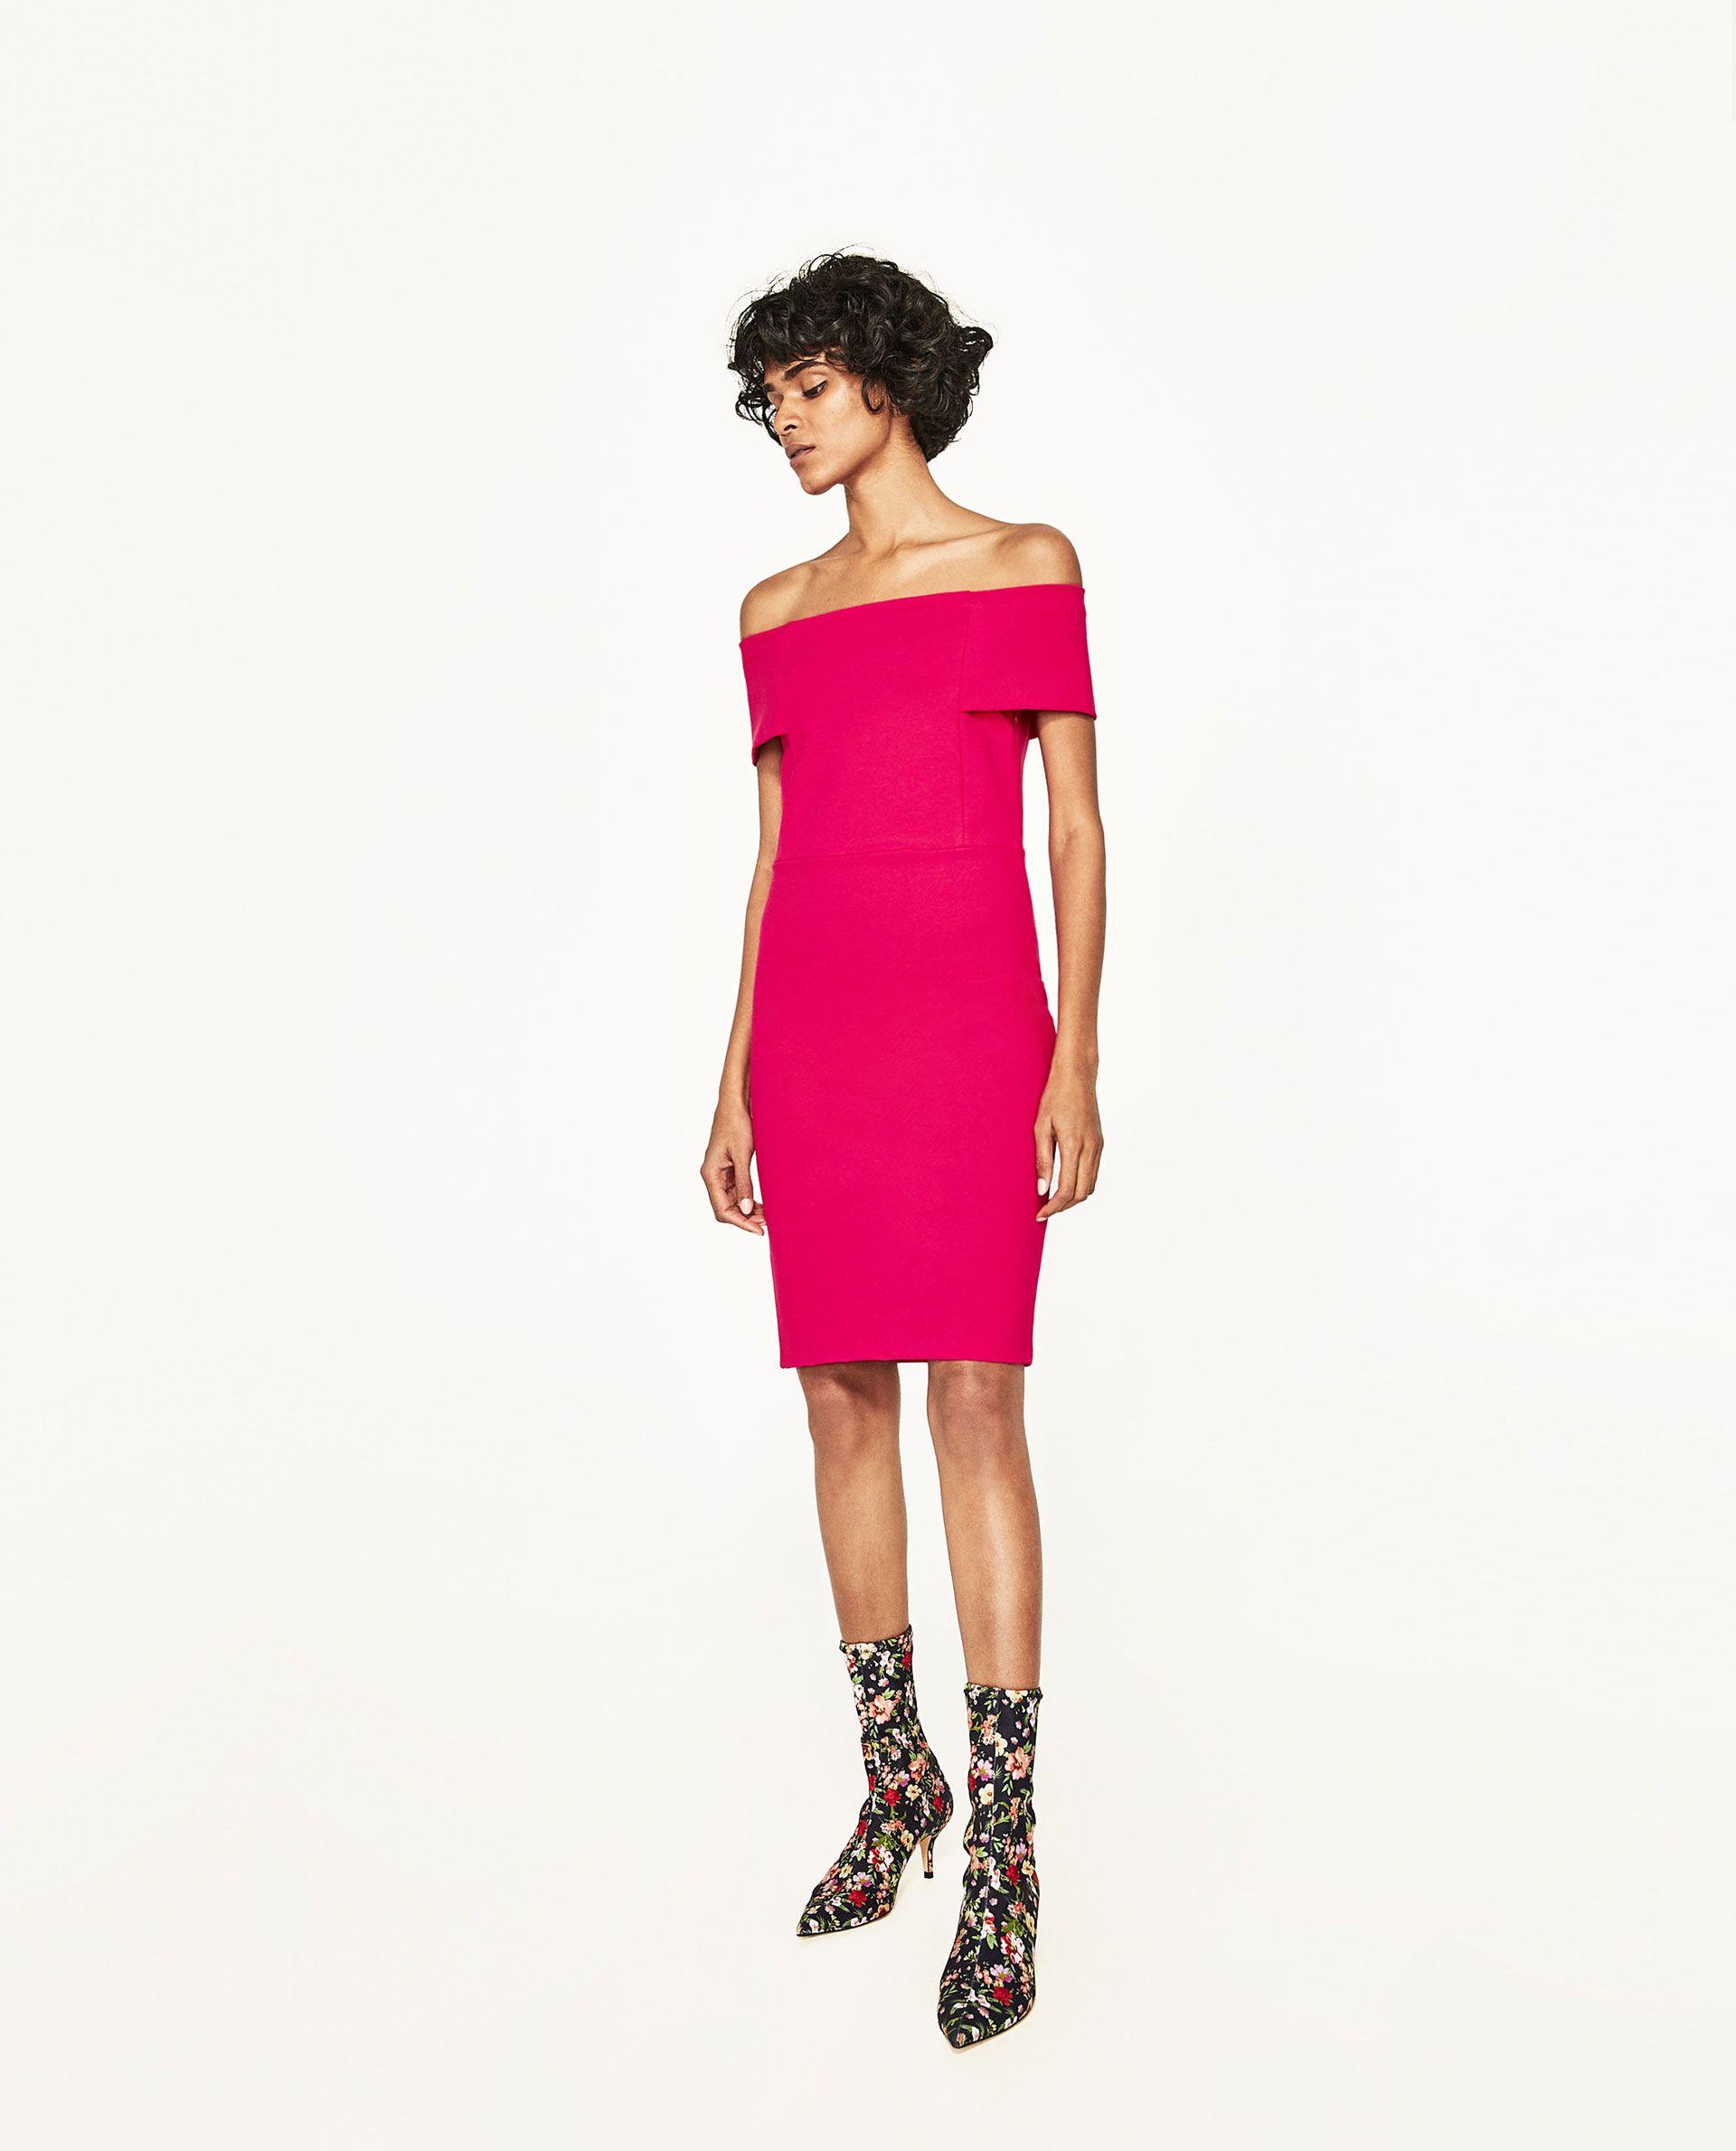 0d396f70 VESTIDO ESCOTE BARCO | clothe thyself | Zara fashion, Fashion ...